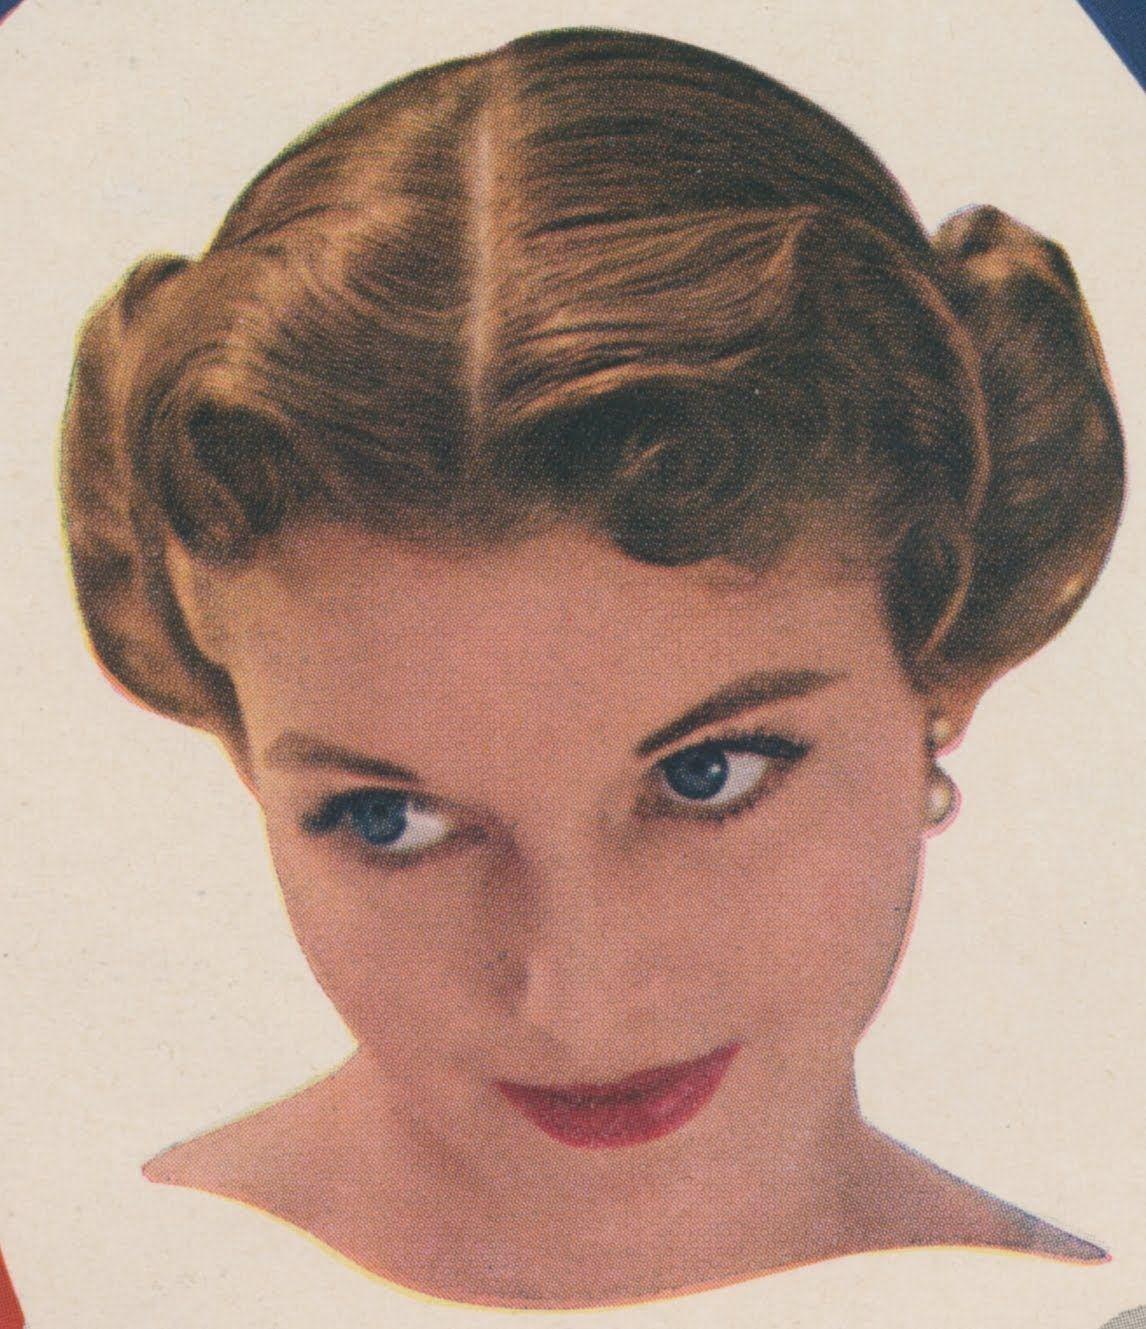 American Hairdresser - 1952 December HD | Vintage hairstyles, Braided hairstyles, Hairdresser